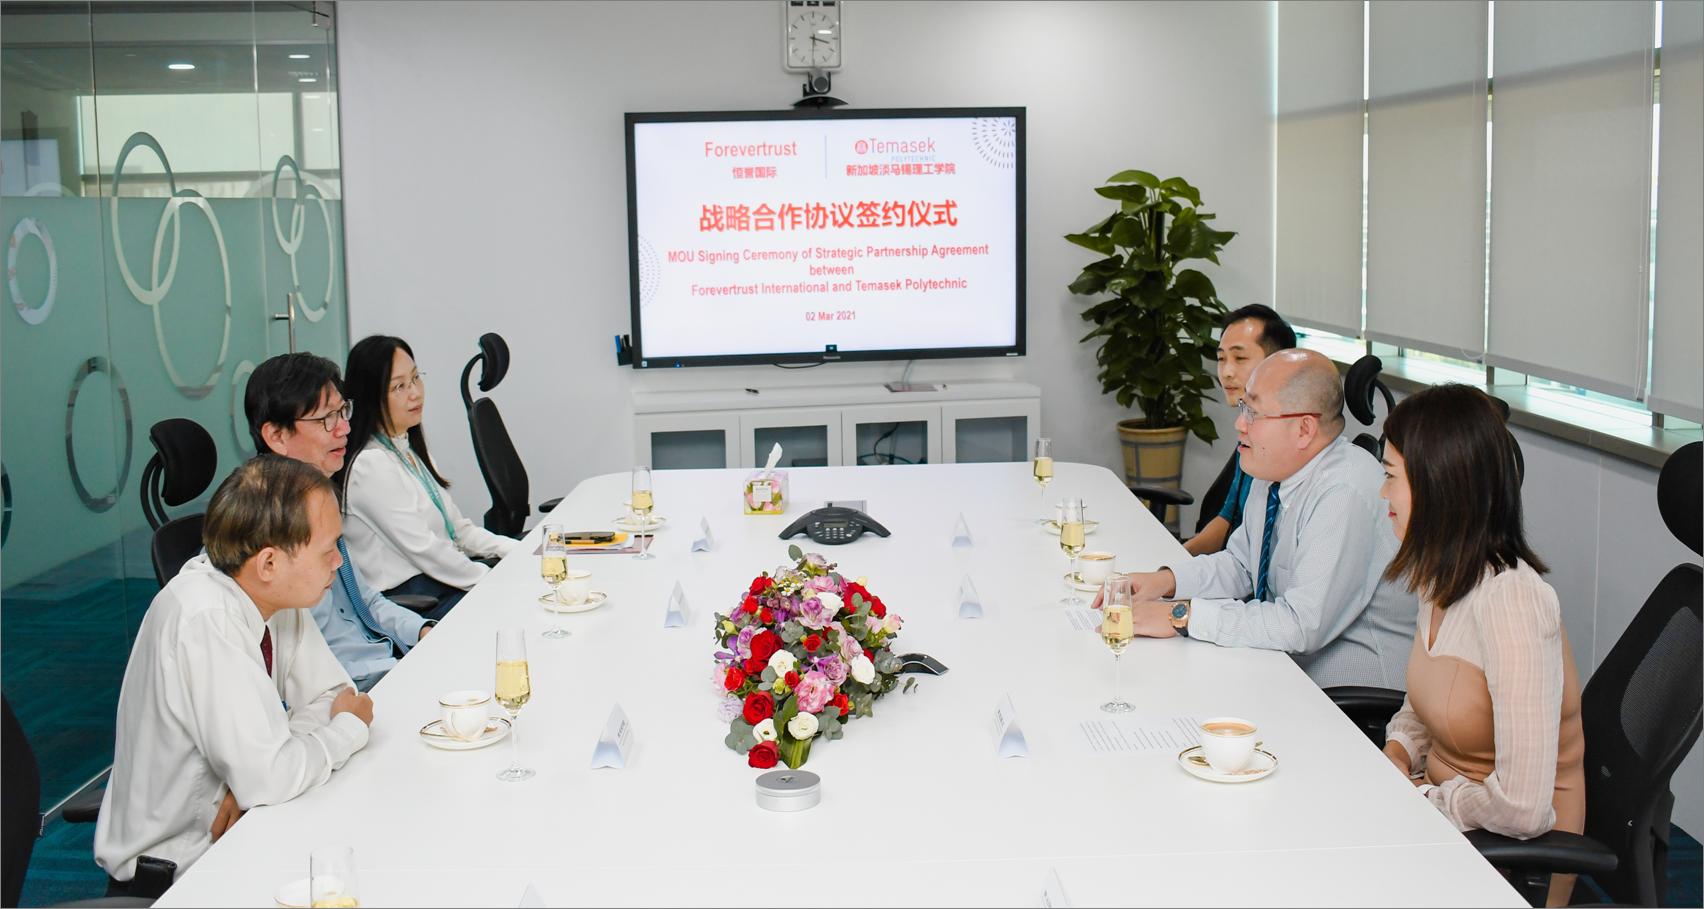 大陸希望集團海外事業部完成與新加坡淡馬錫理工學院的戰略合作伙伴框架協議的簽約。